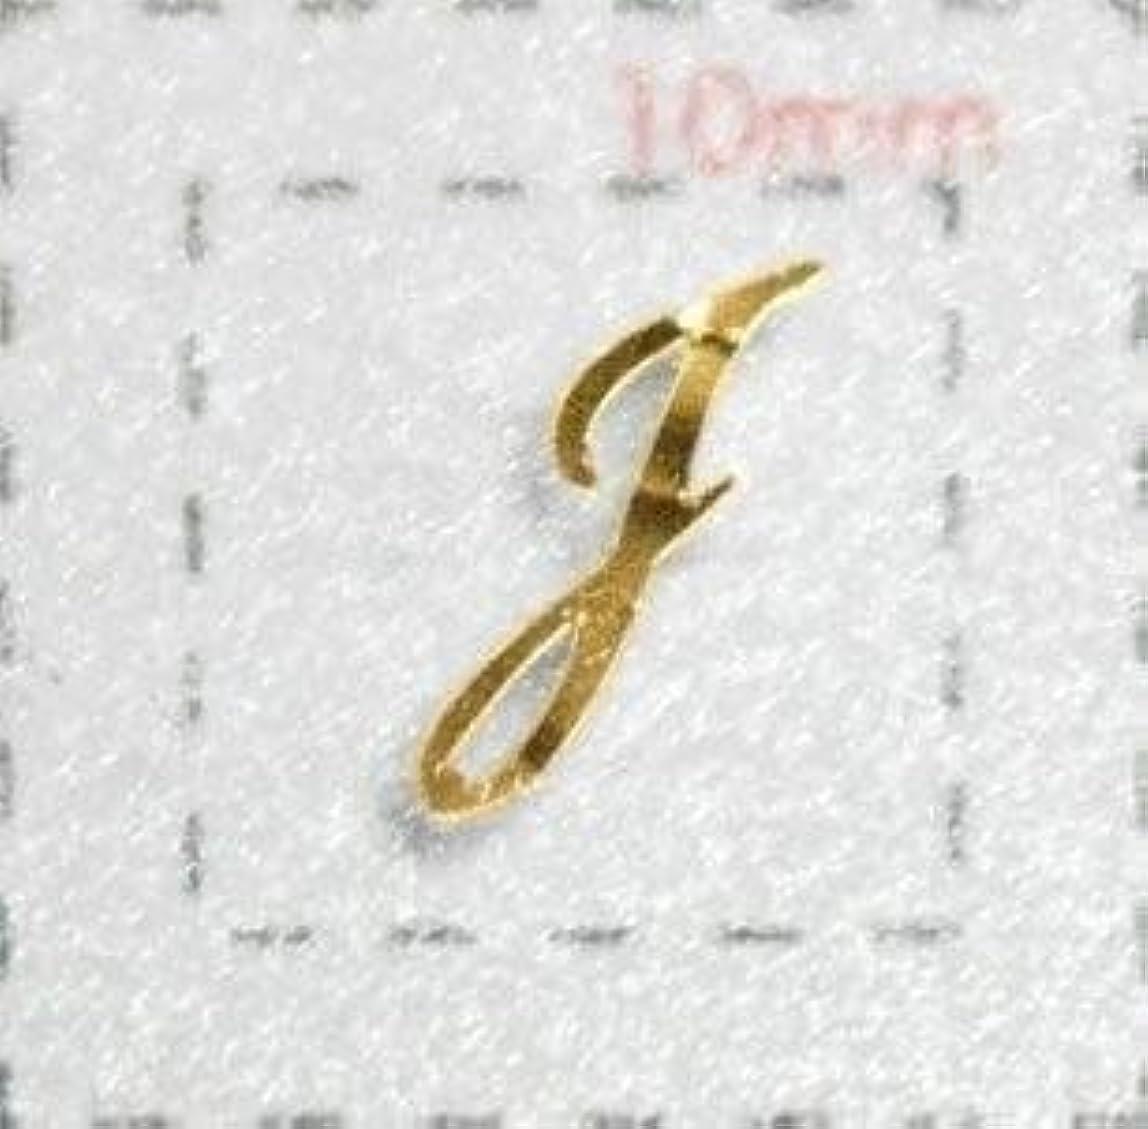 移民メーカー予防接種するNameネイルシール【アルファベット?イニシャル】大文字ゴールド( J )1シート9枚入